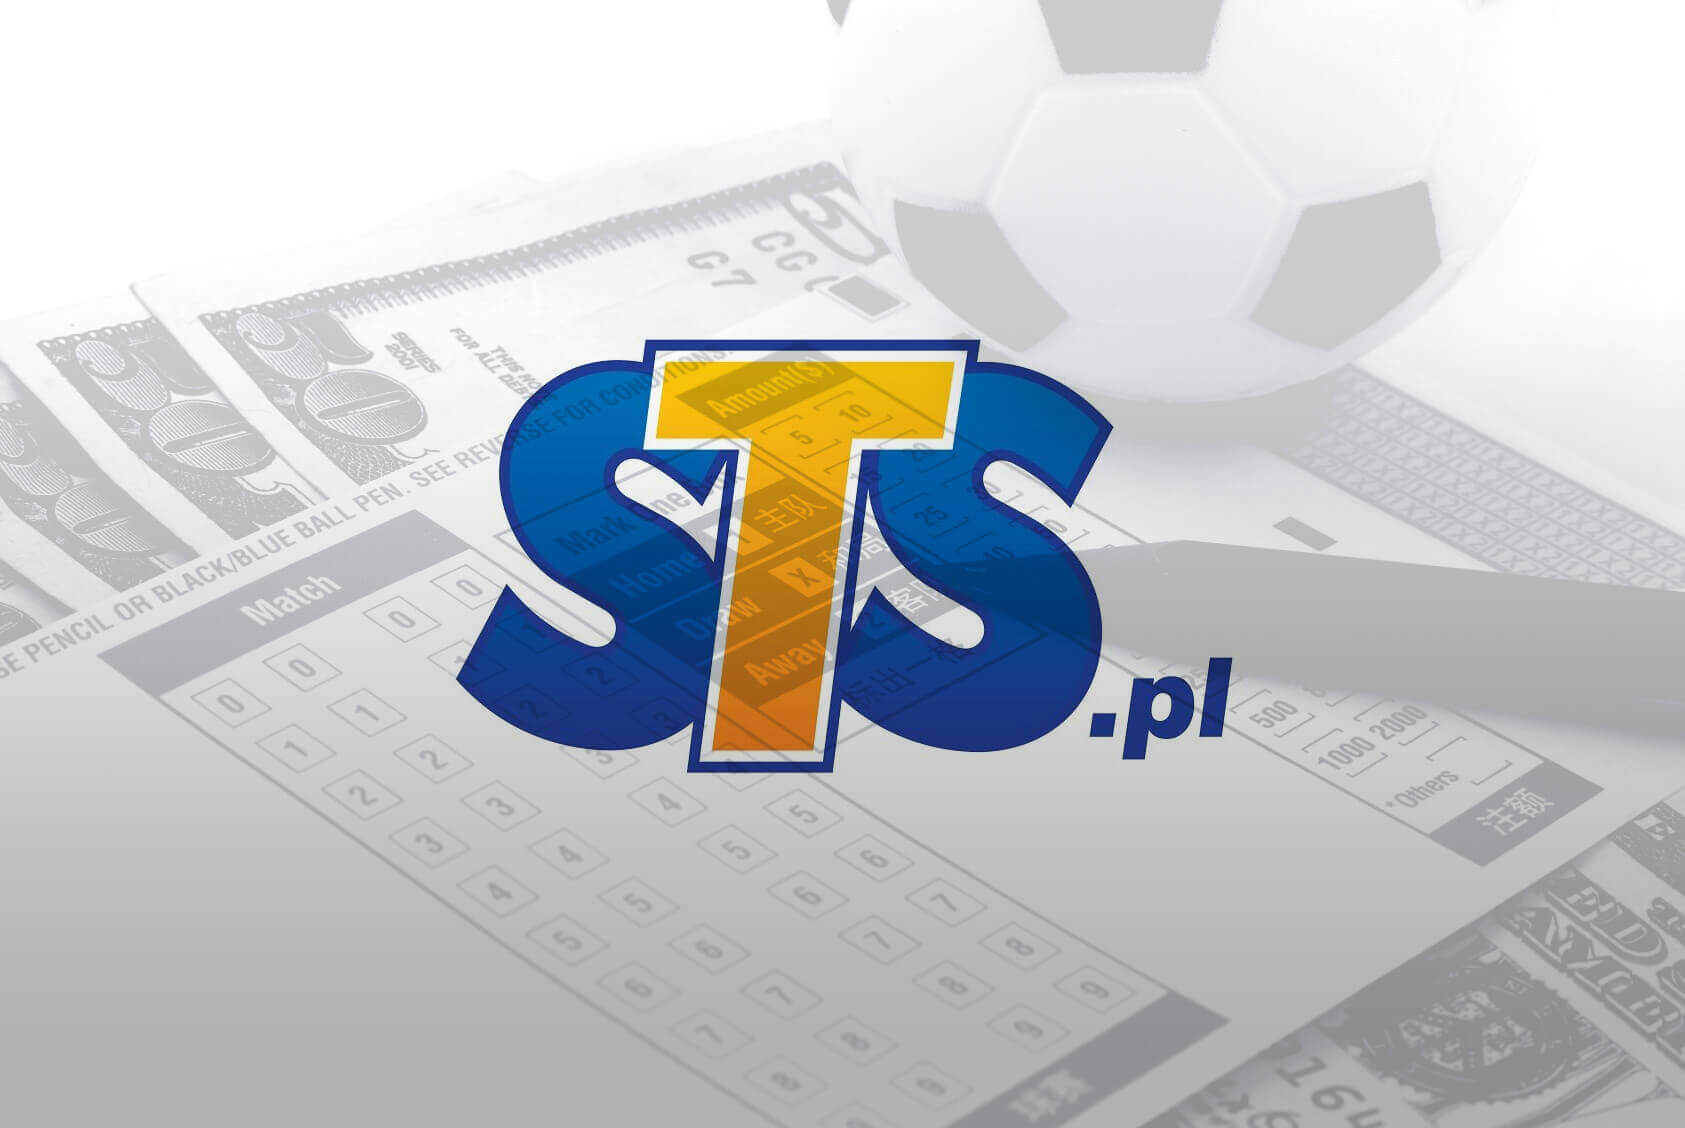 STS opinie - bonus do 1259 PLN, w tym [freebet] - tylko u nas